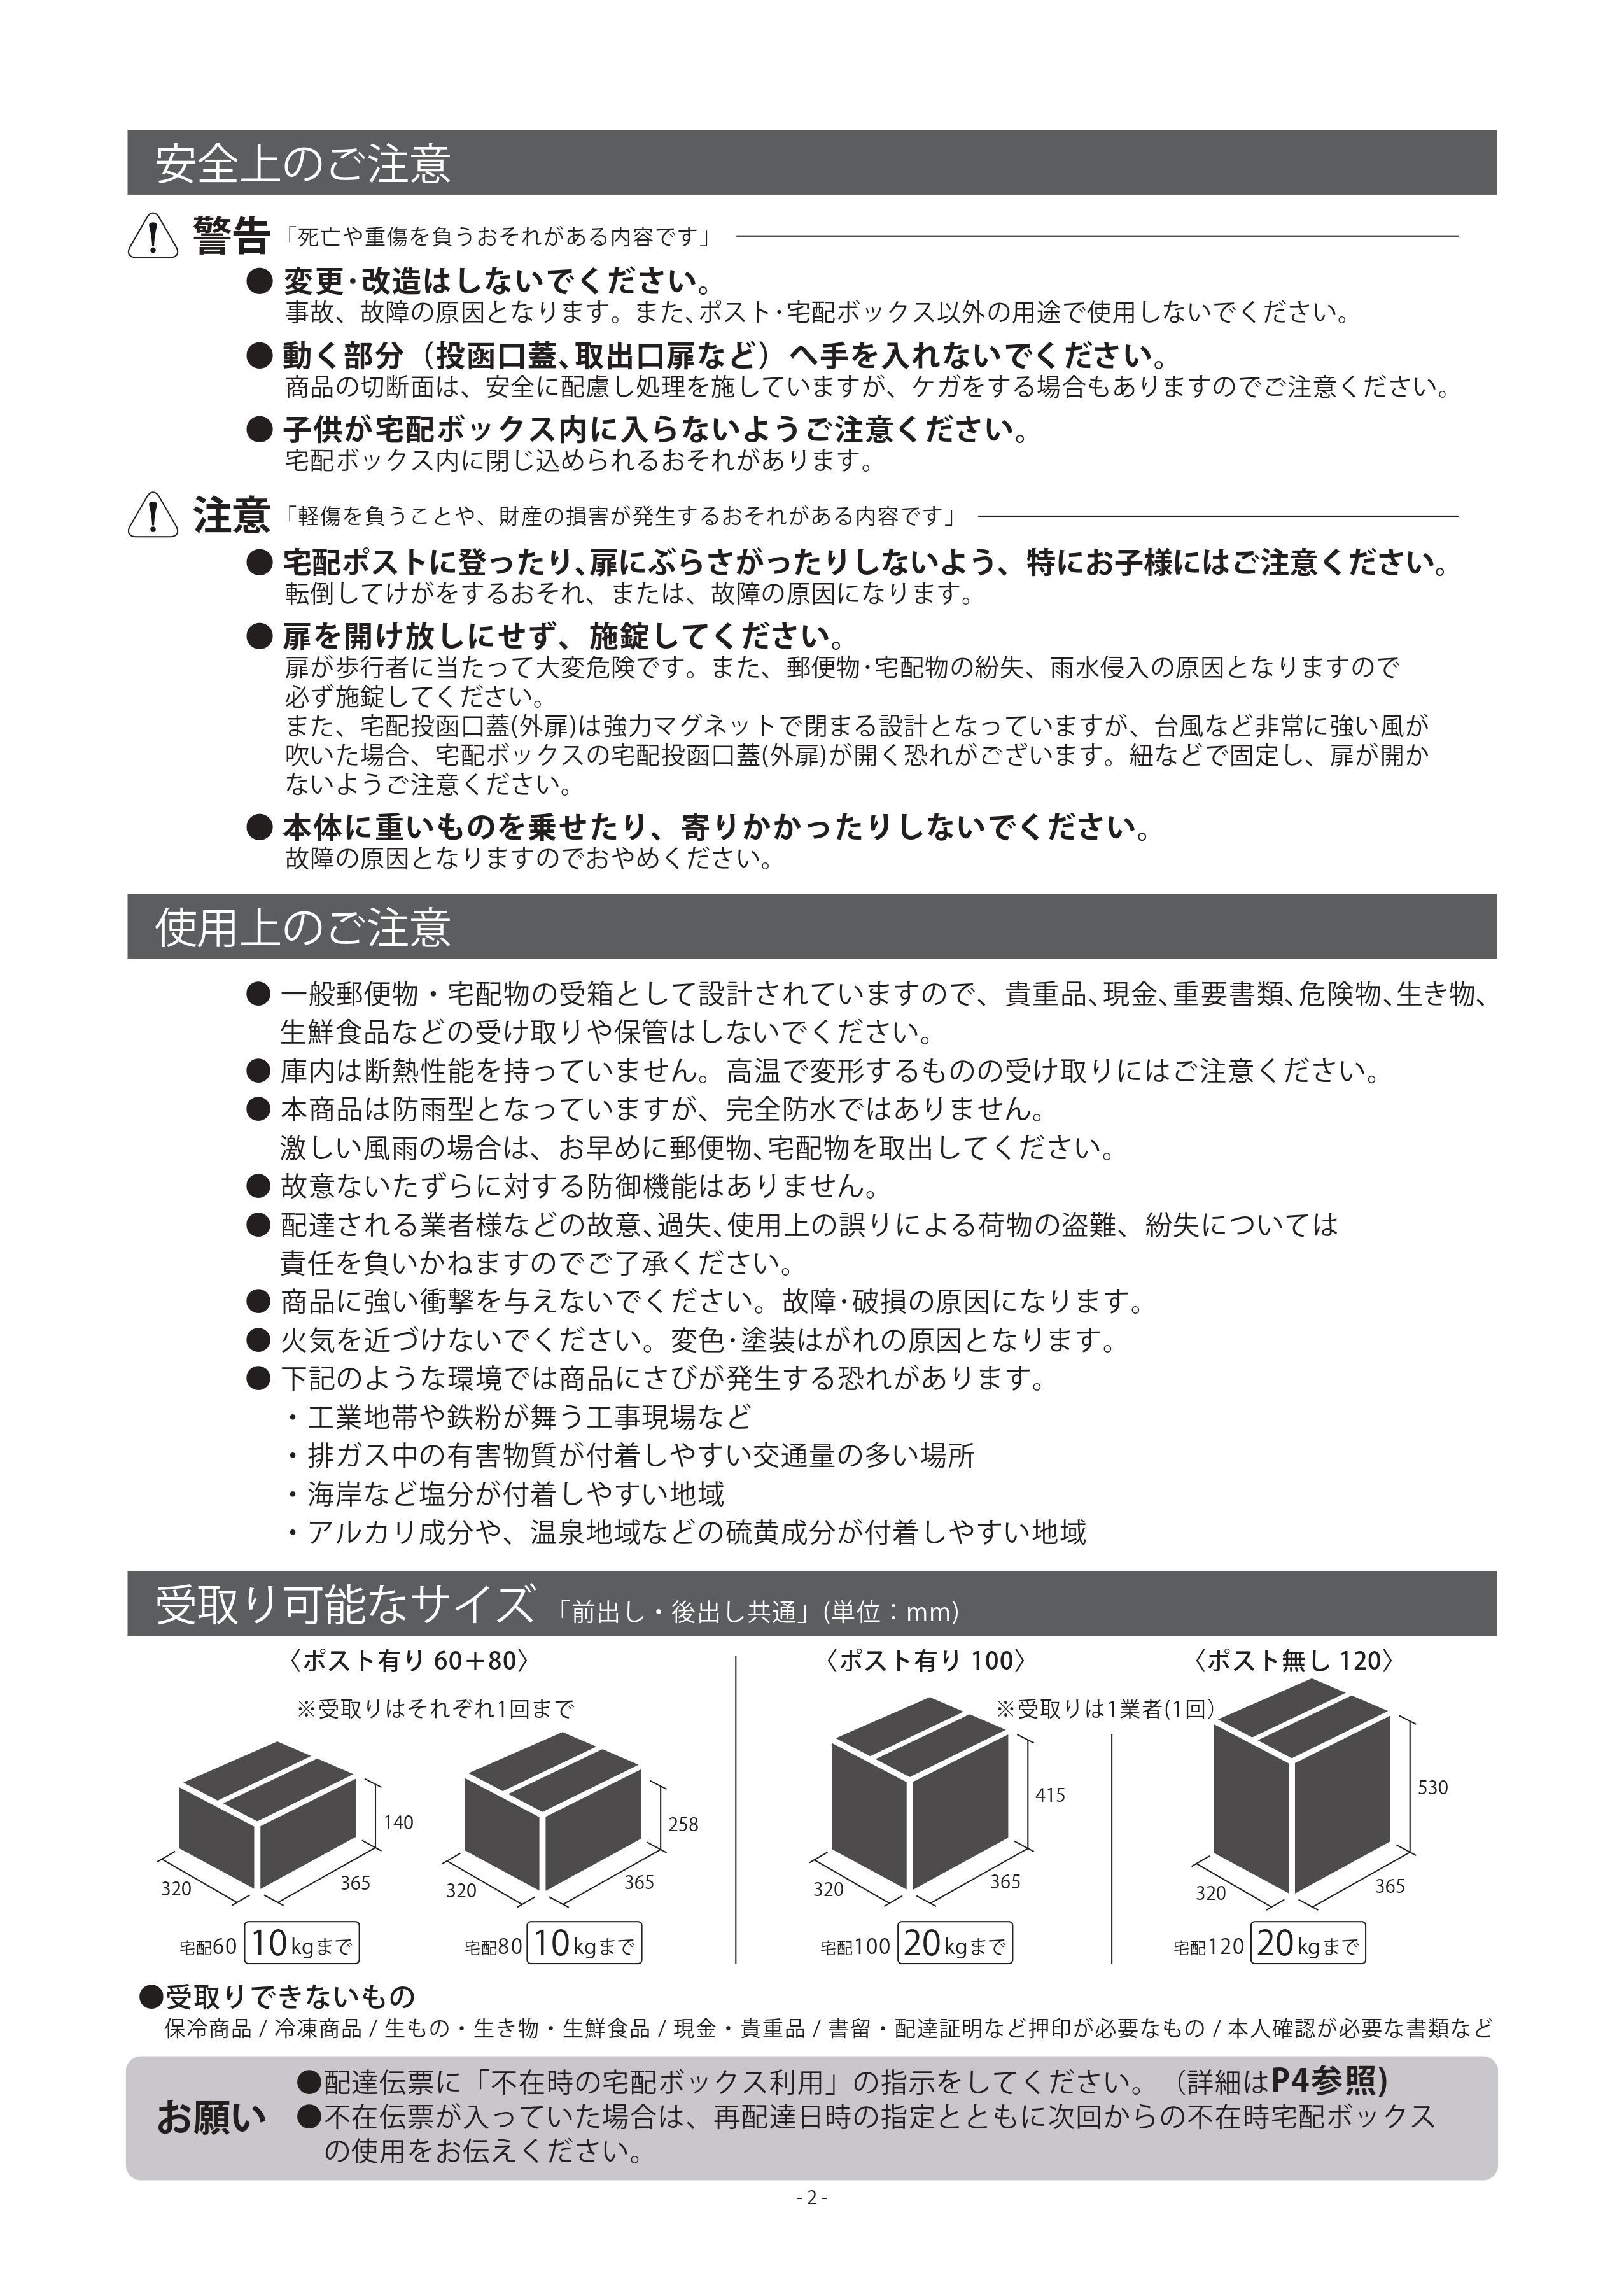 ヴィコDB埋込用台座_取扱説明書 (2)